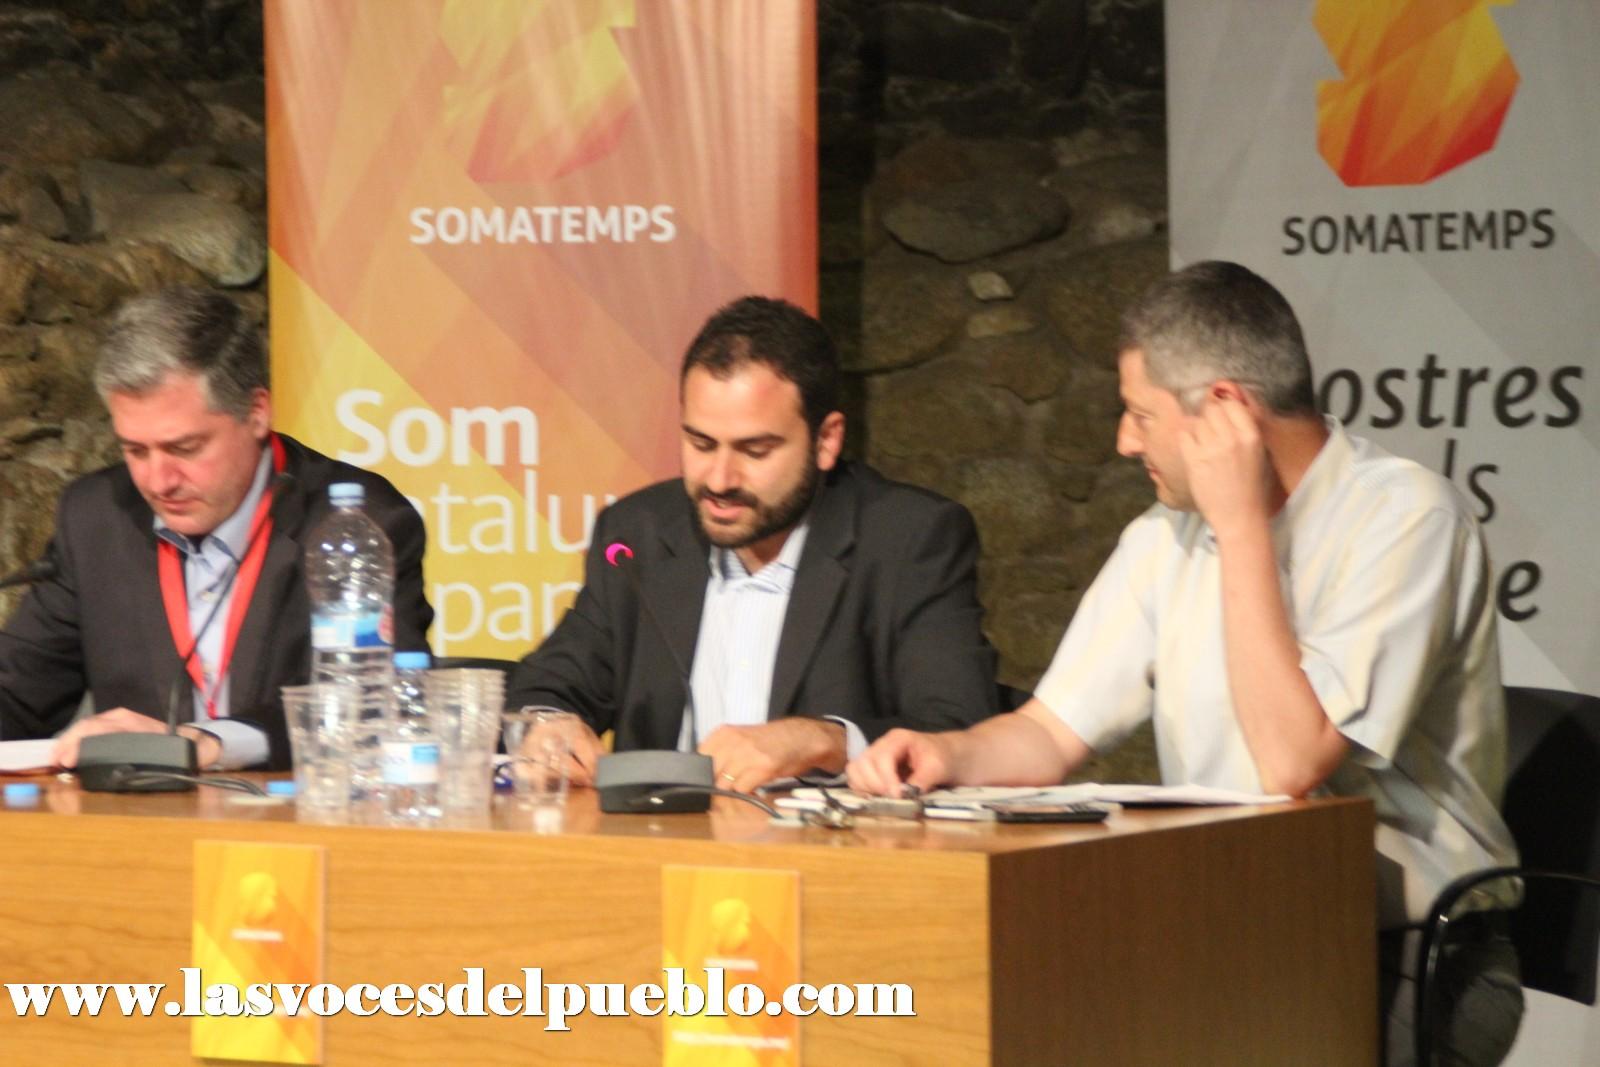 las voces del pueblo_I Congreso de Somatemps_Ripoll_Gerona (204)